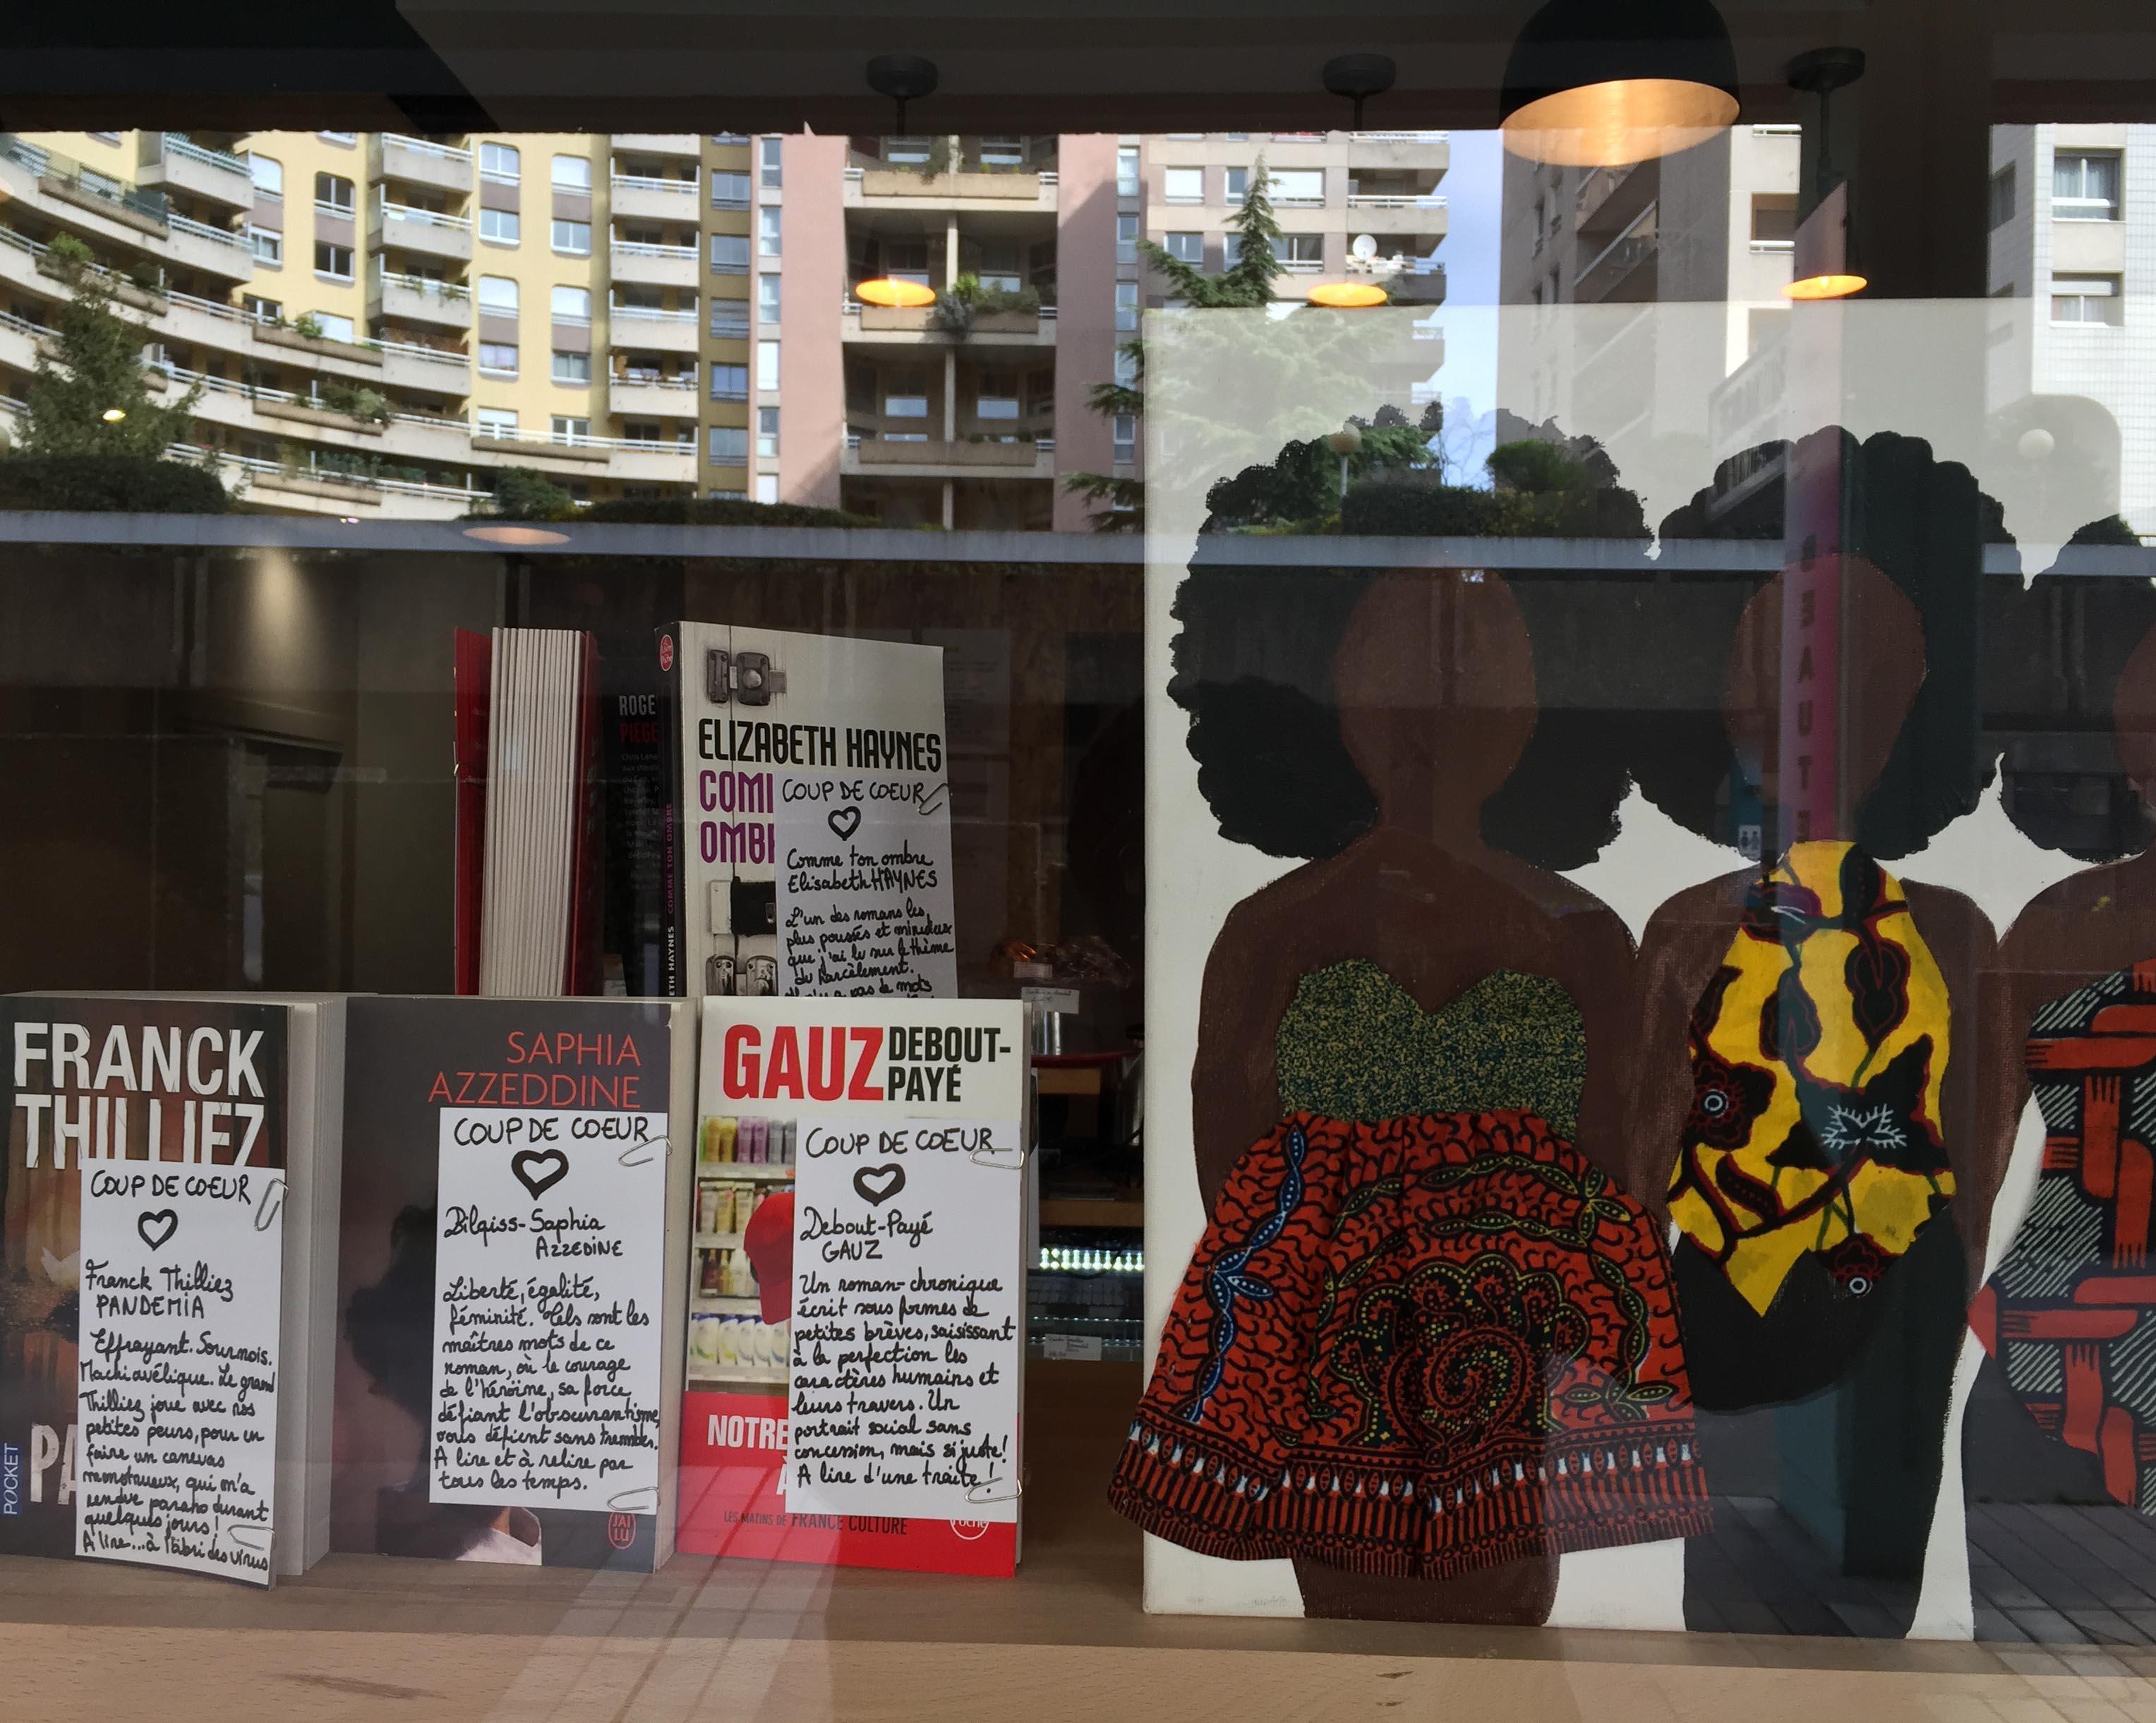 Les vagabonds sans tr ves blog litt raire et culturel de - Librairie salon de the ...